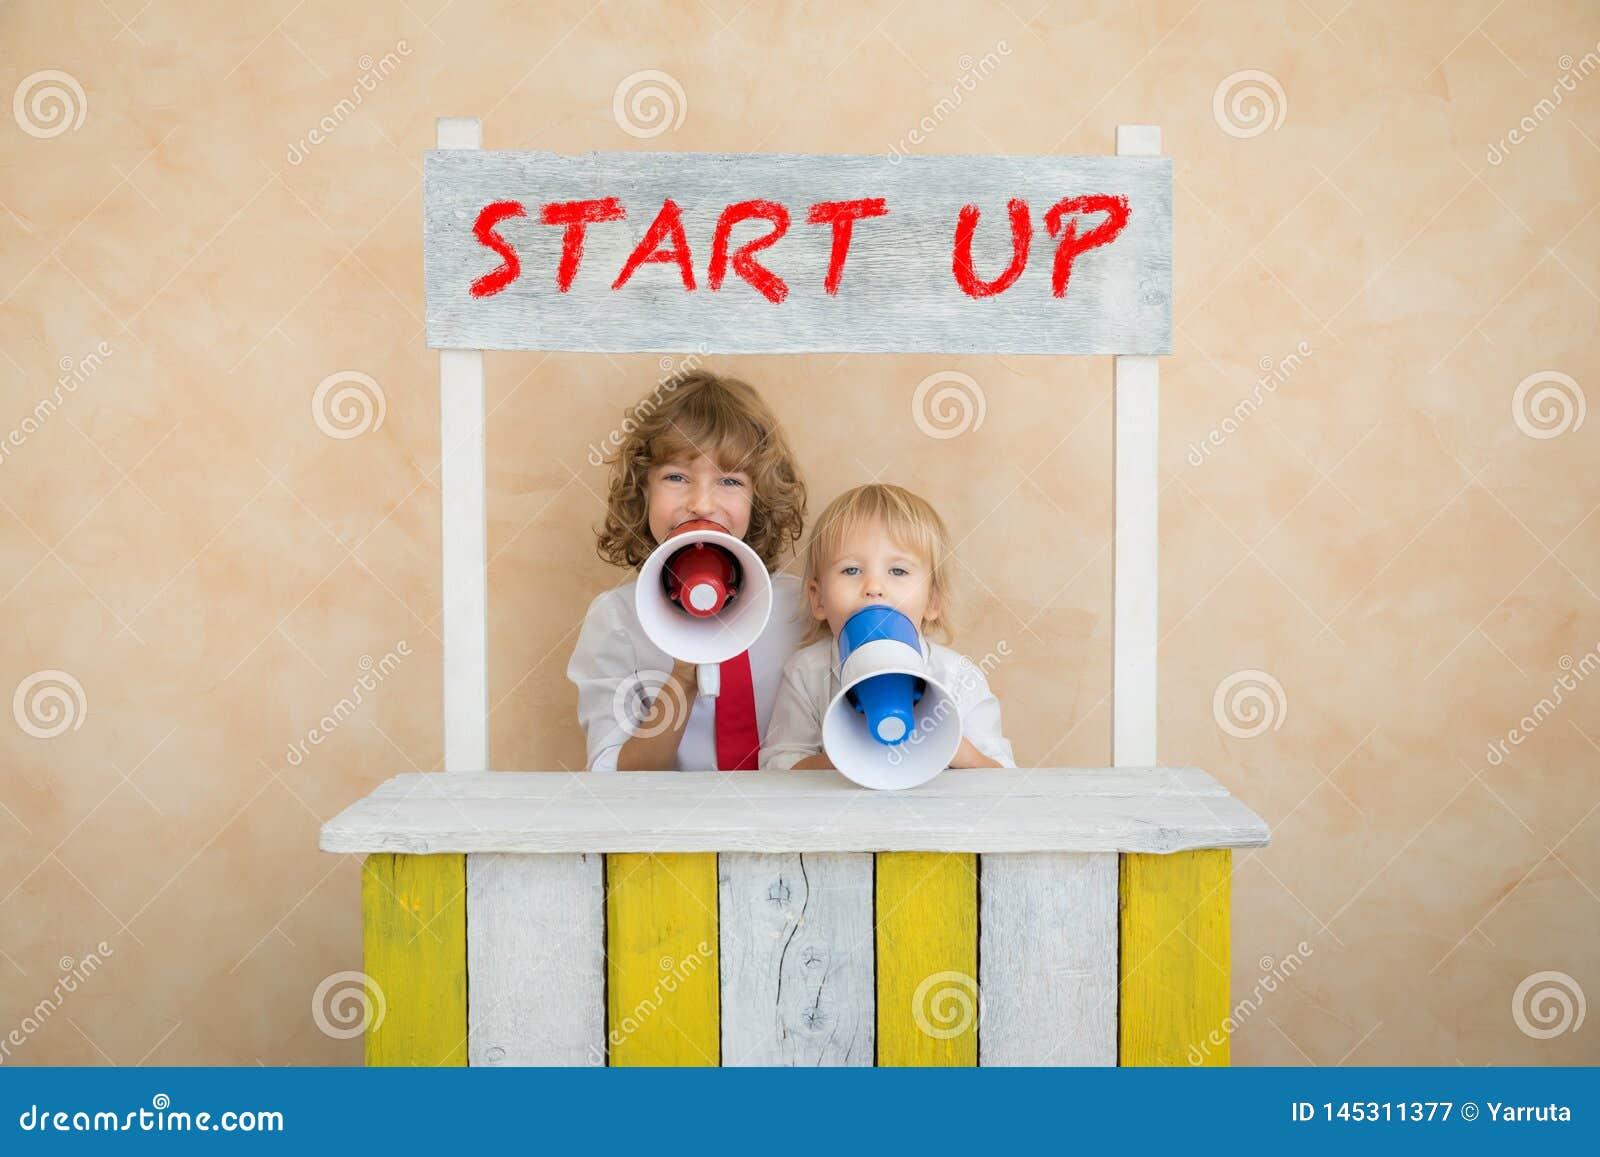 Έννοια ιδέας επιτυχίας, ξεκινήματος και επιχειρήσεων